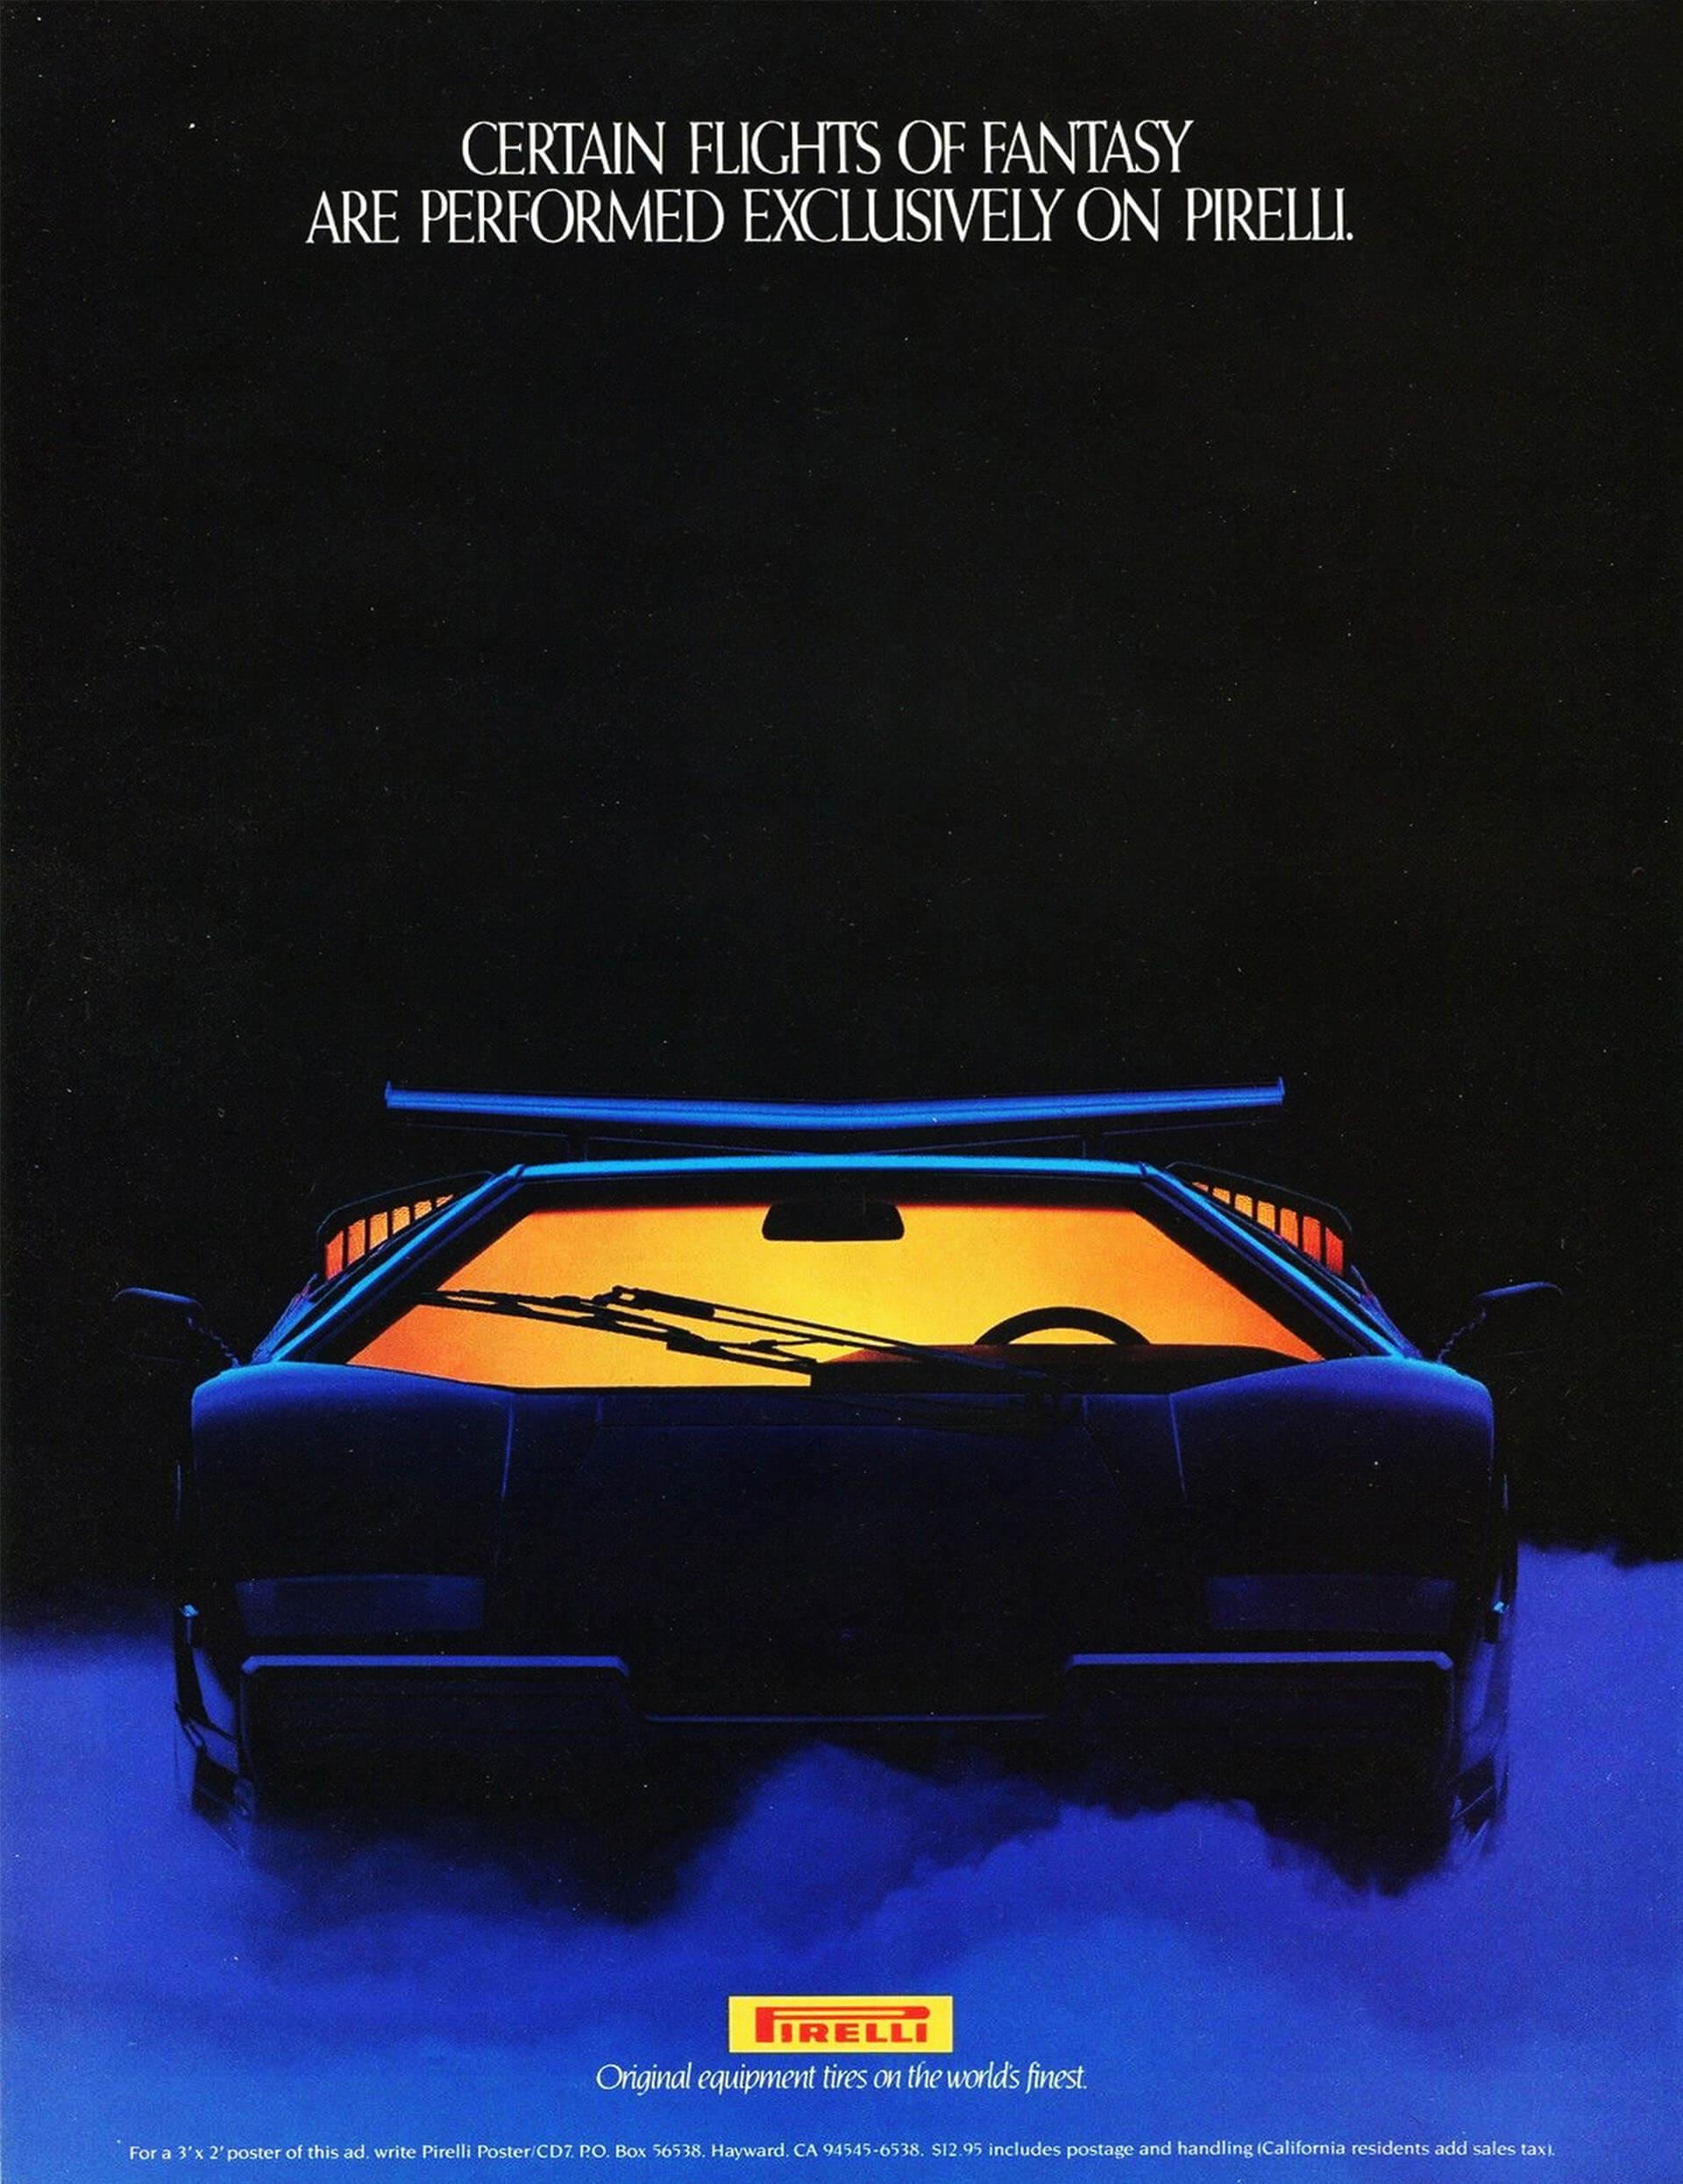 Pirelli's Lamborghini Countach Flight Retro Car Ad